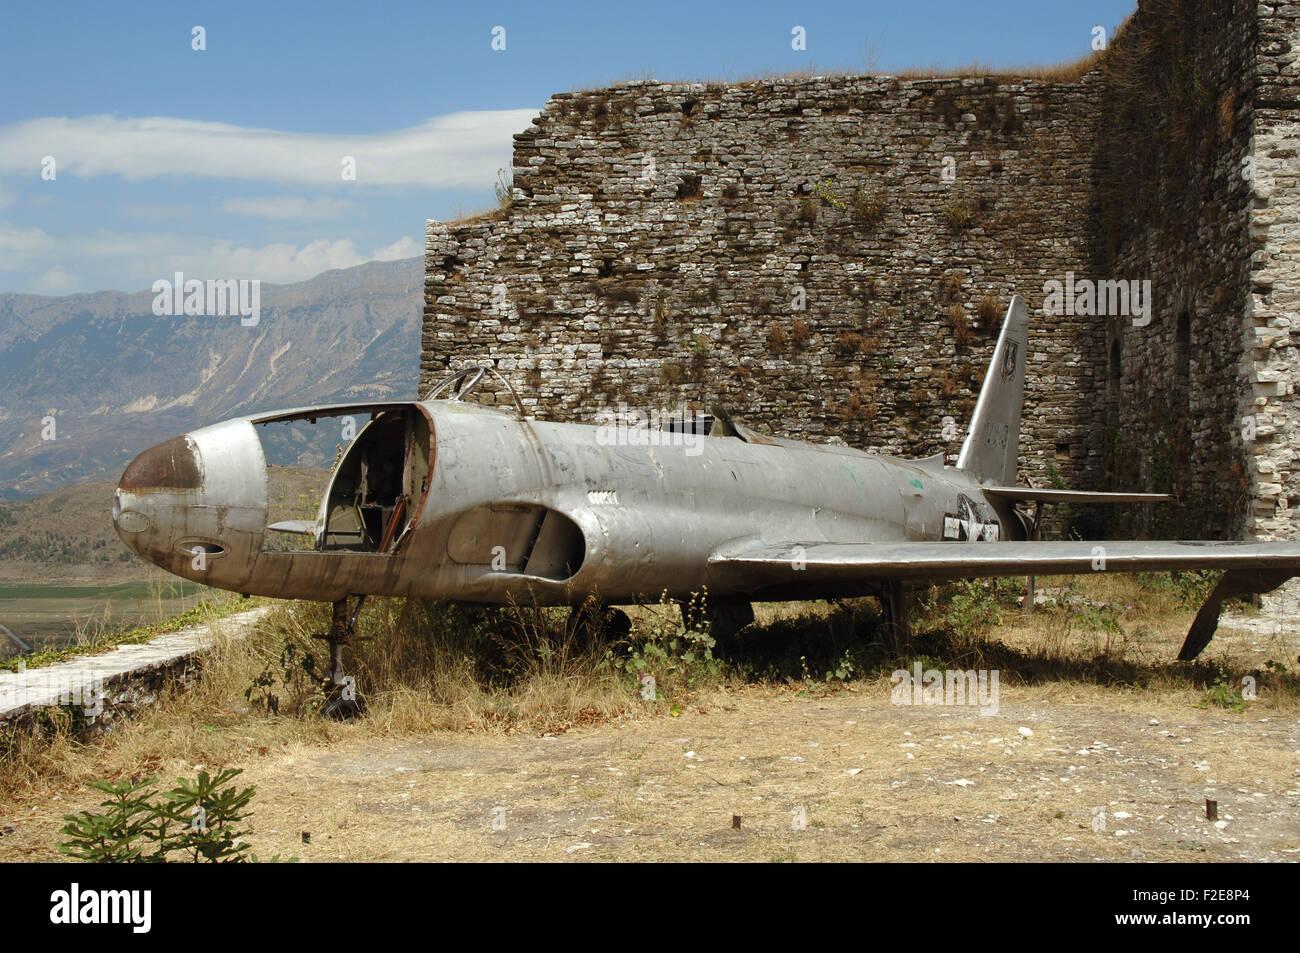 Avión de la fuerza aérea estadounidense que aterrizó en Albania en 1957, durante la Guerra Fría. Imagen De Stock